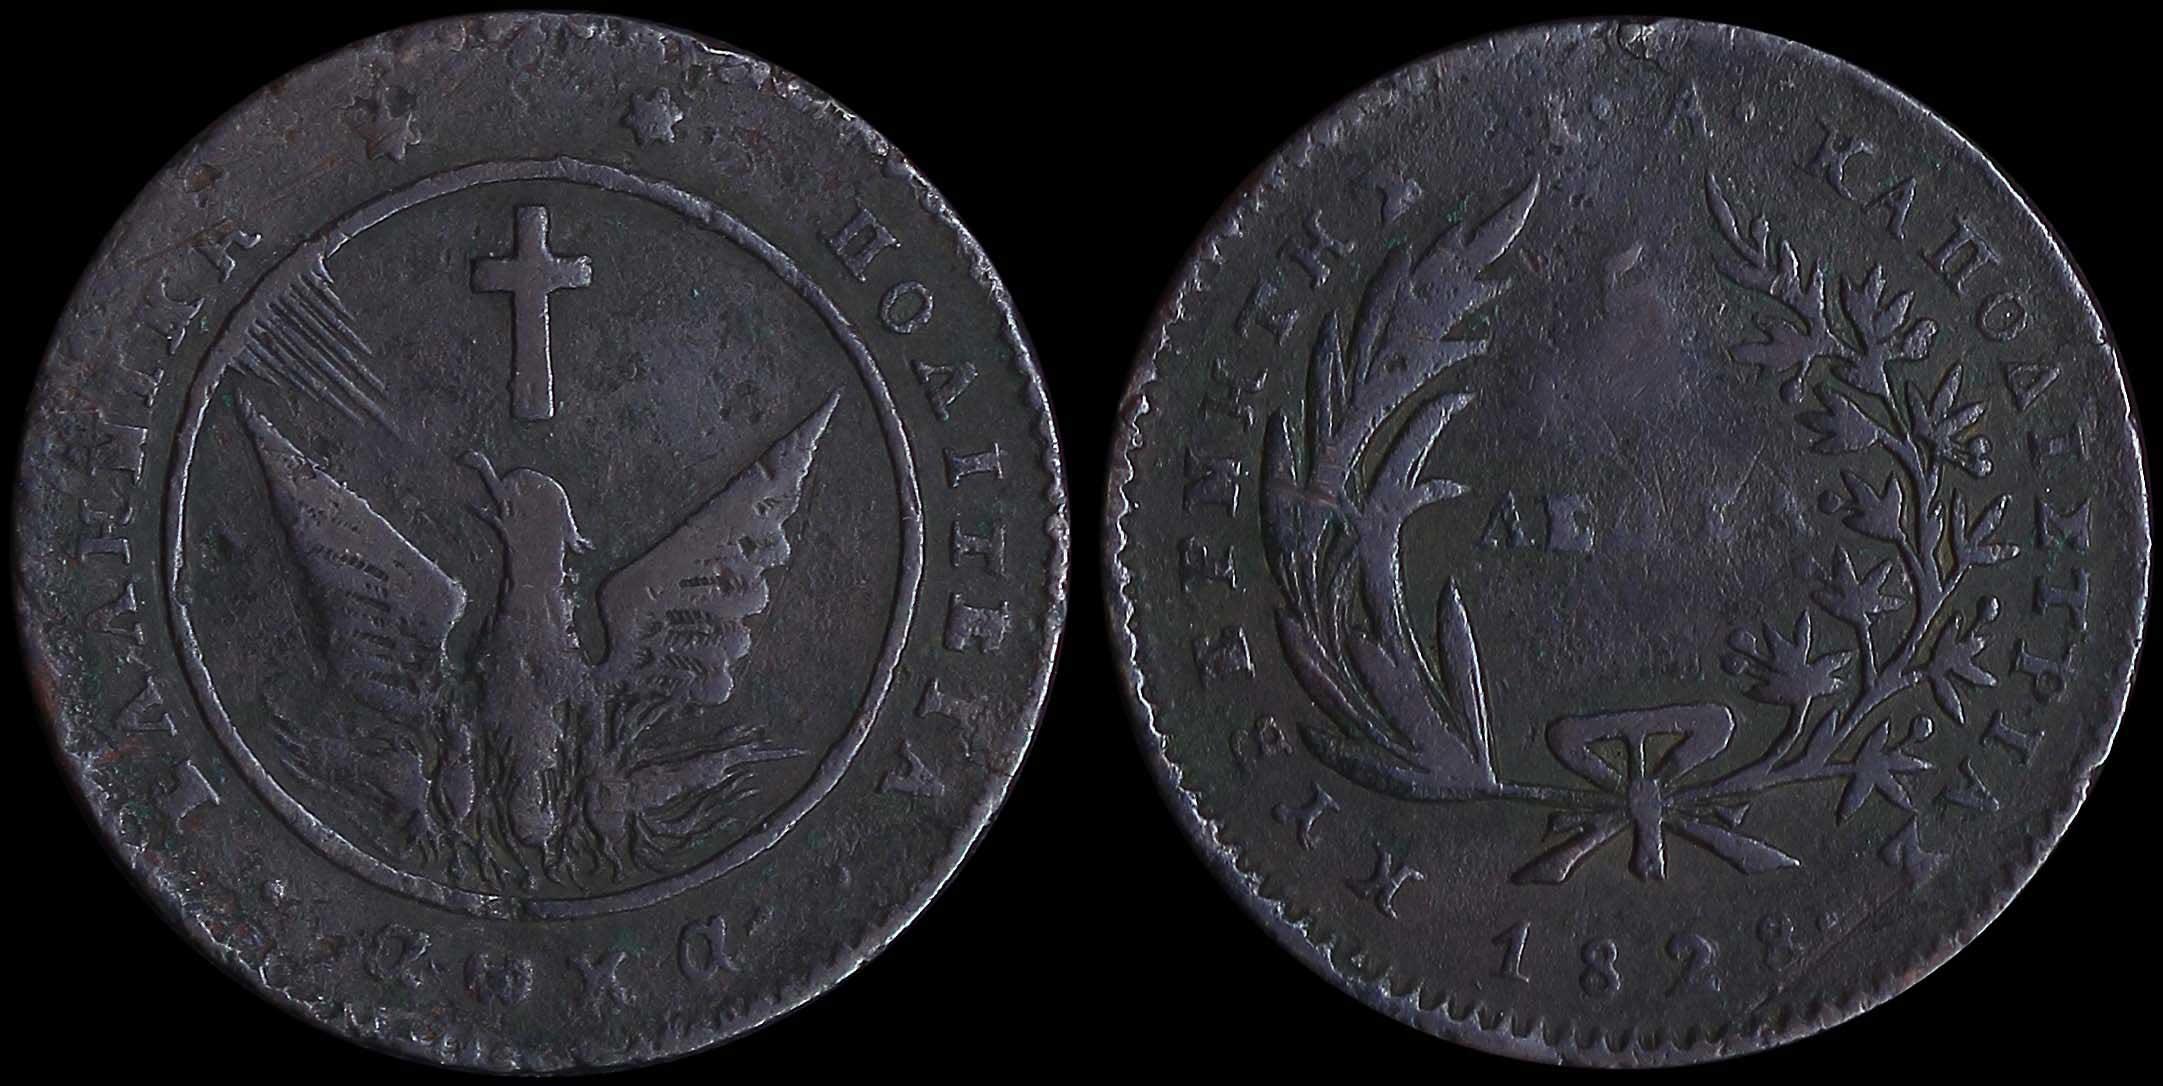 Lot 6009 - -  COINS & TOKENS governor capodistrias -  A. Karamitsos Postal & Live Internet Auction 984  (Part A)